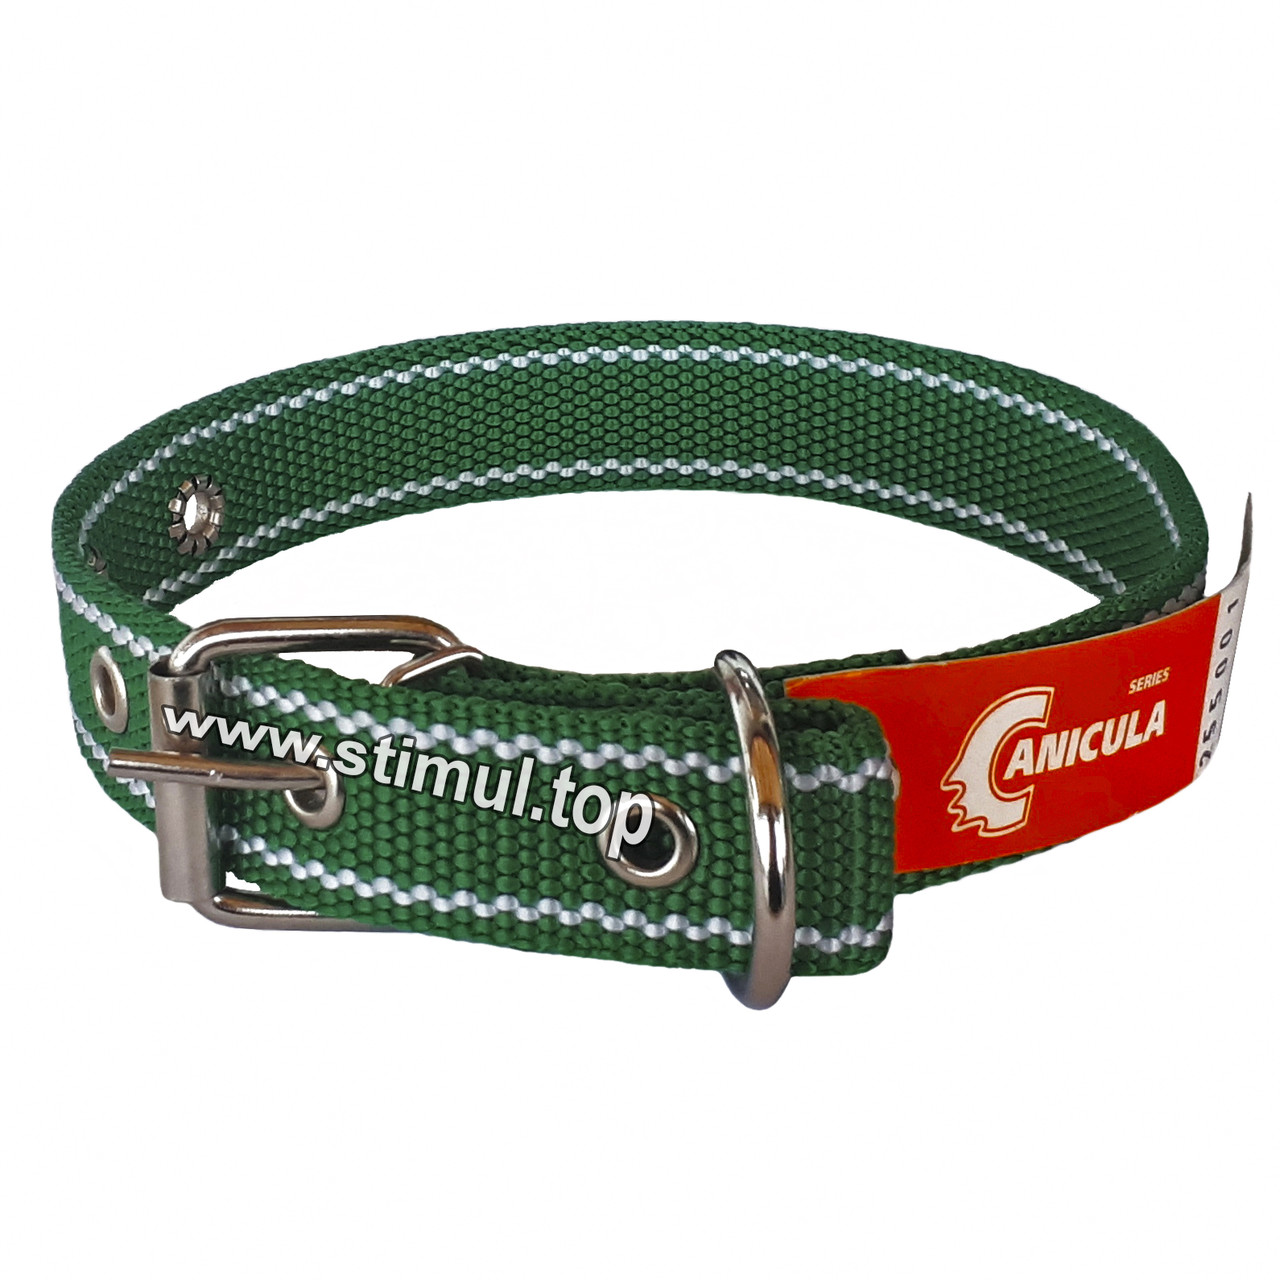 Ошейник одинарный 20 мм х 420 мм капроновый / нейлоновый / синтетический / цветной / ошийник / для собак